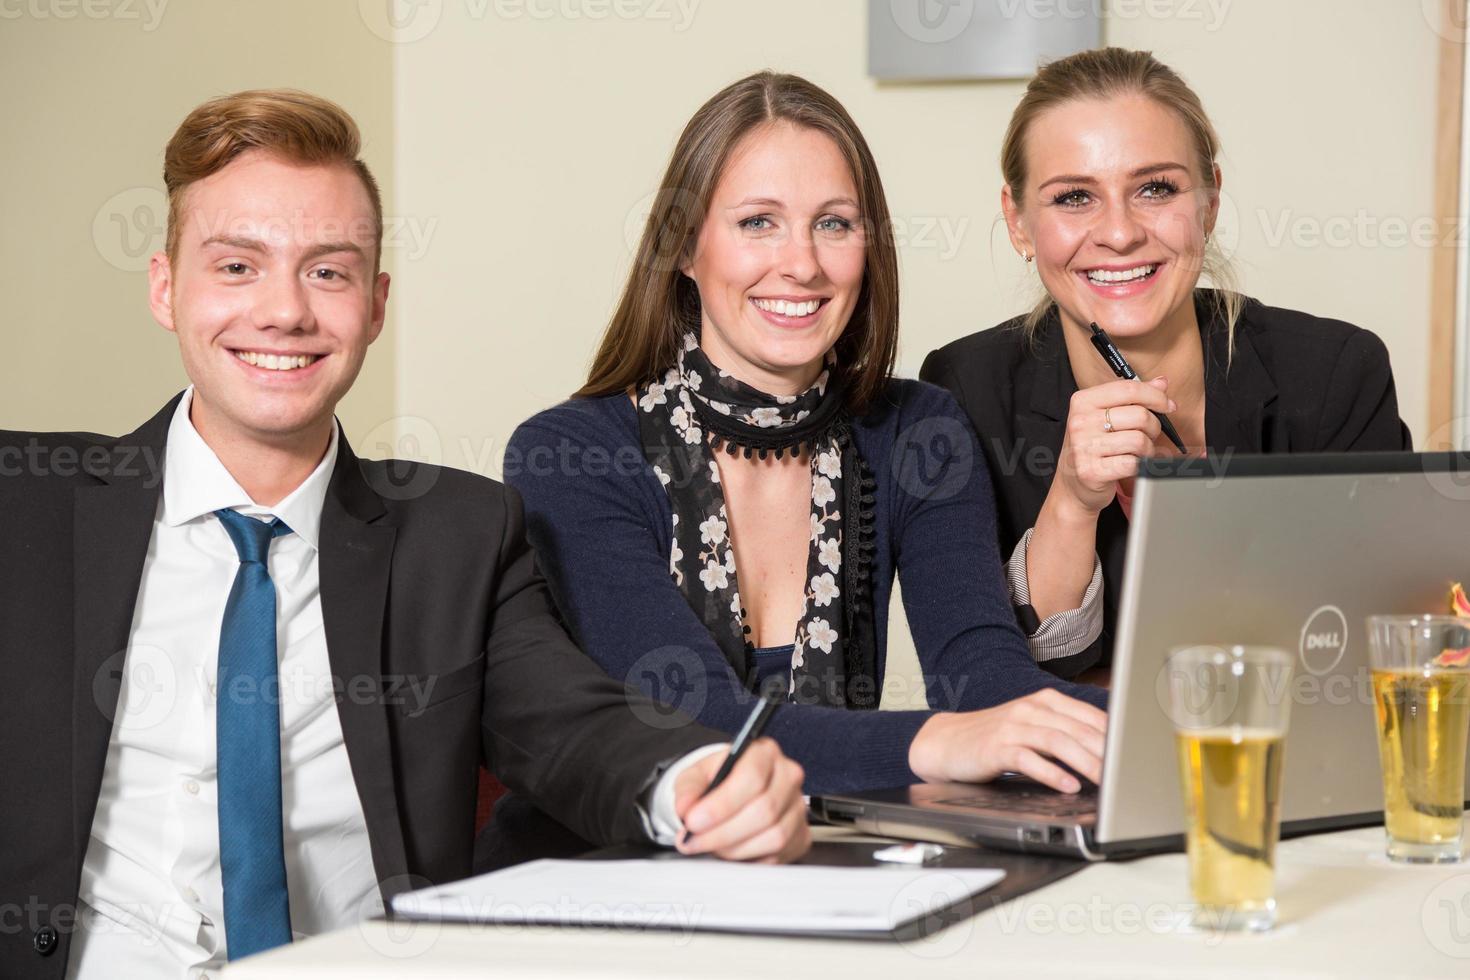 partecipanti al congresso o lezione ascoltando una presentazione foto